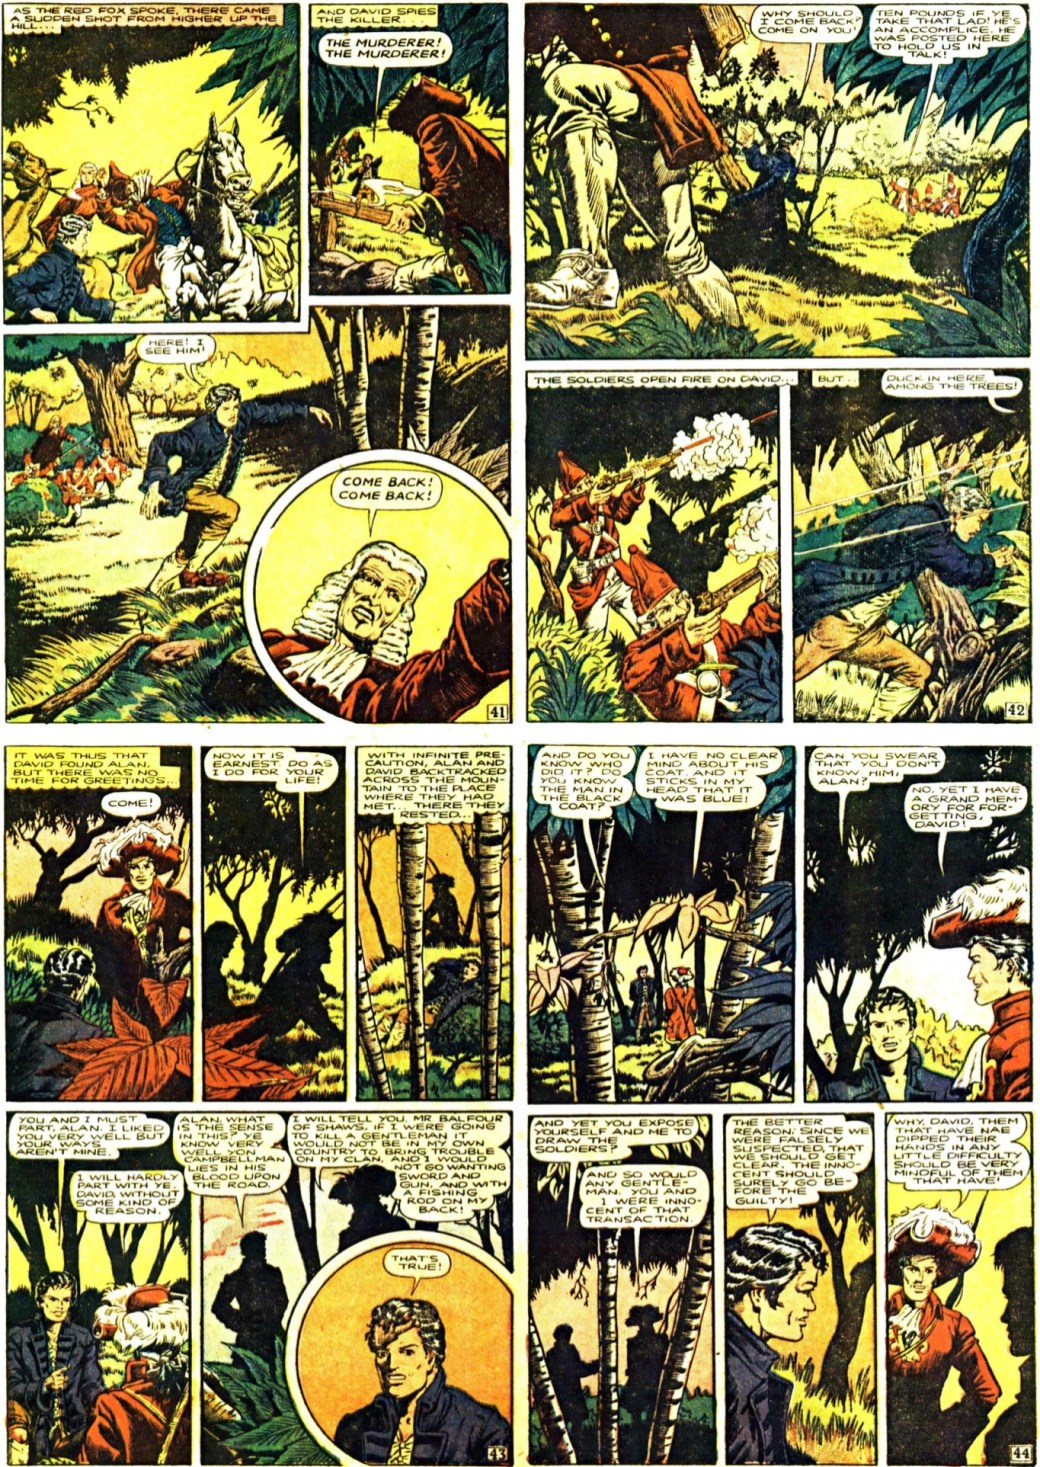 Tredje sidan ur den tredje bilagan (seriesida 41-44) med Kidnapped, från 13 april 1947. En slags Illustrerade klassiker som söndagsbilaga. ©Gilberton